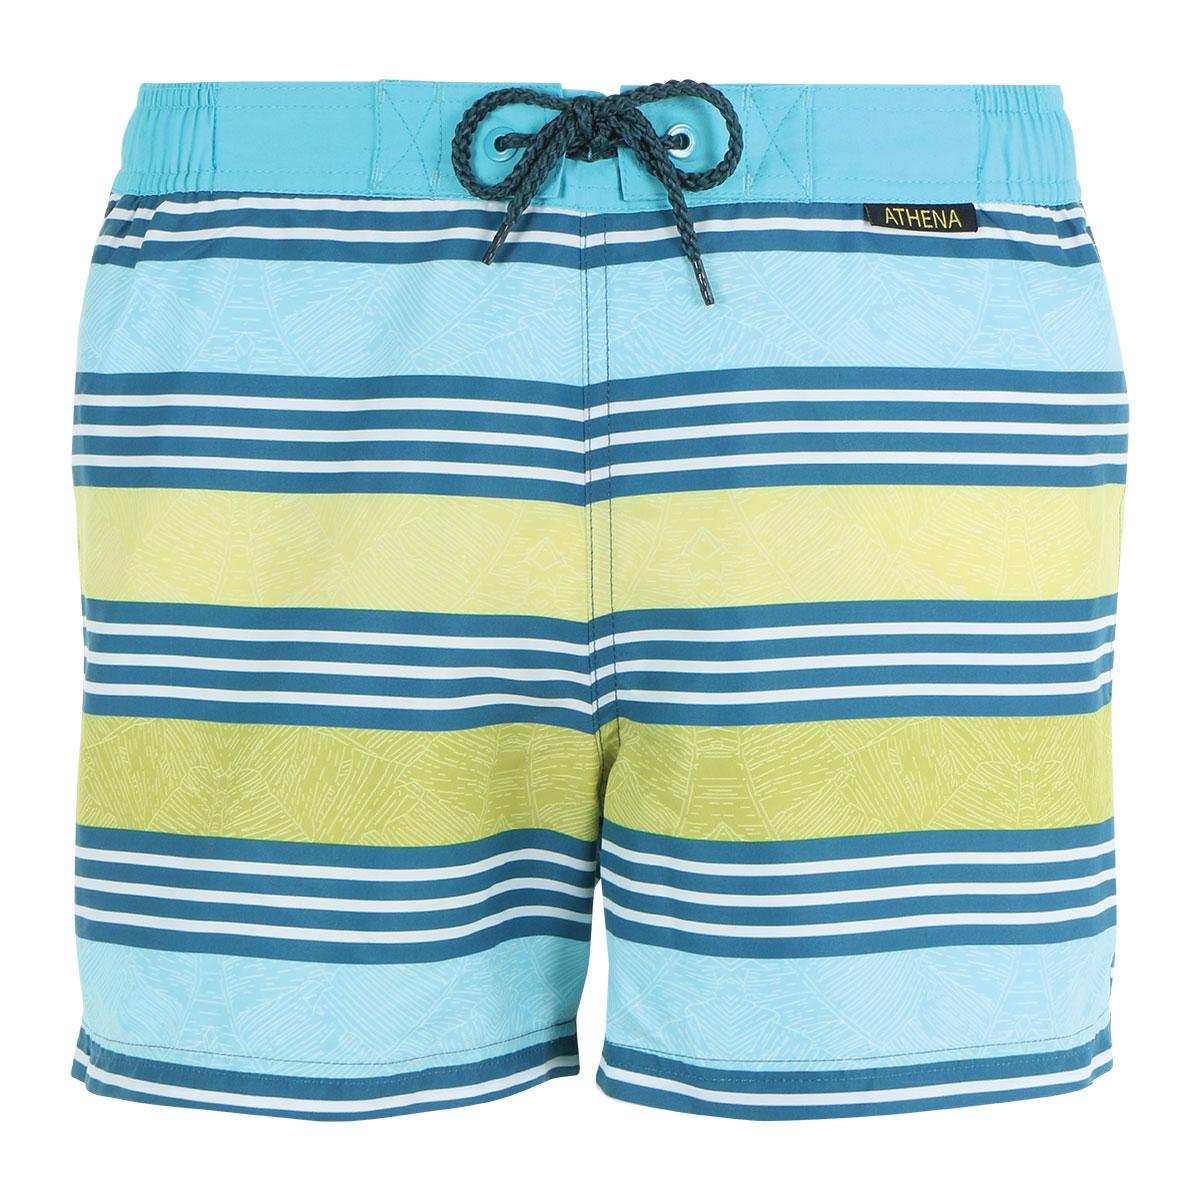 Bermuda de bain court homme Sydney Athena. Bermuda de bain homme ATHENA Palmes rayures   Le motif frais et surfwear de ce bermuda de bain homme est in